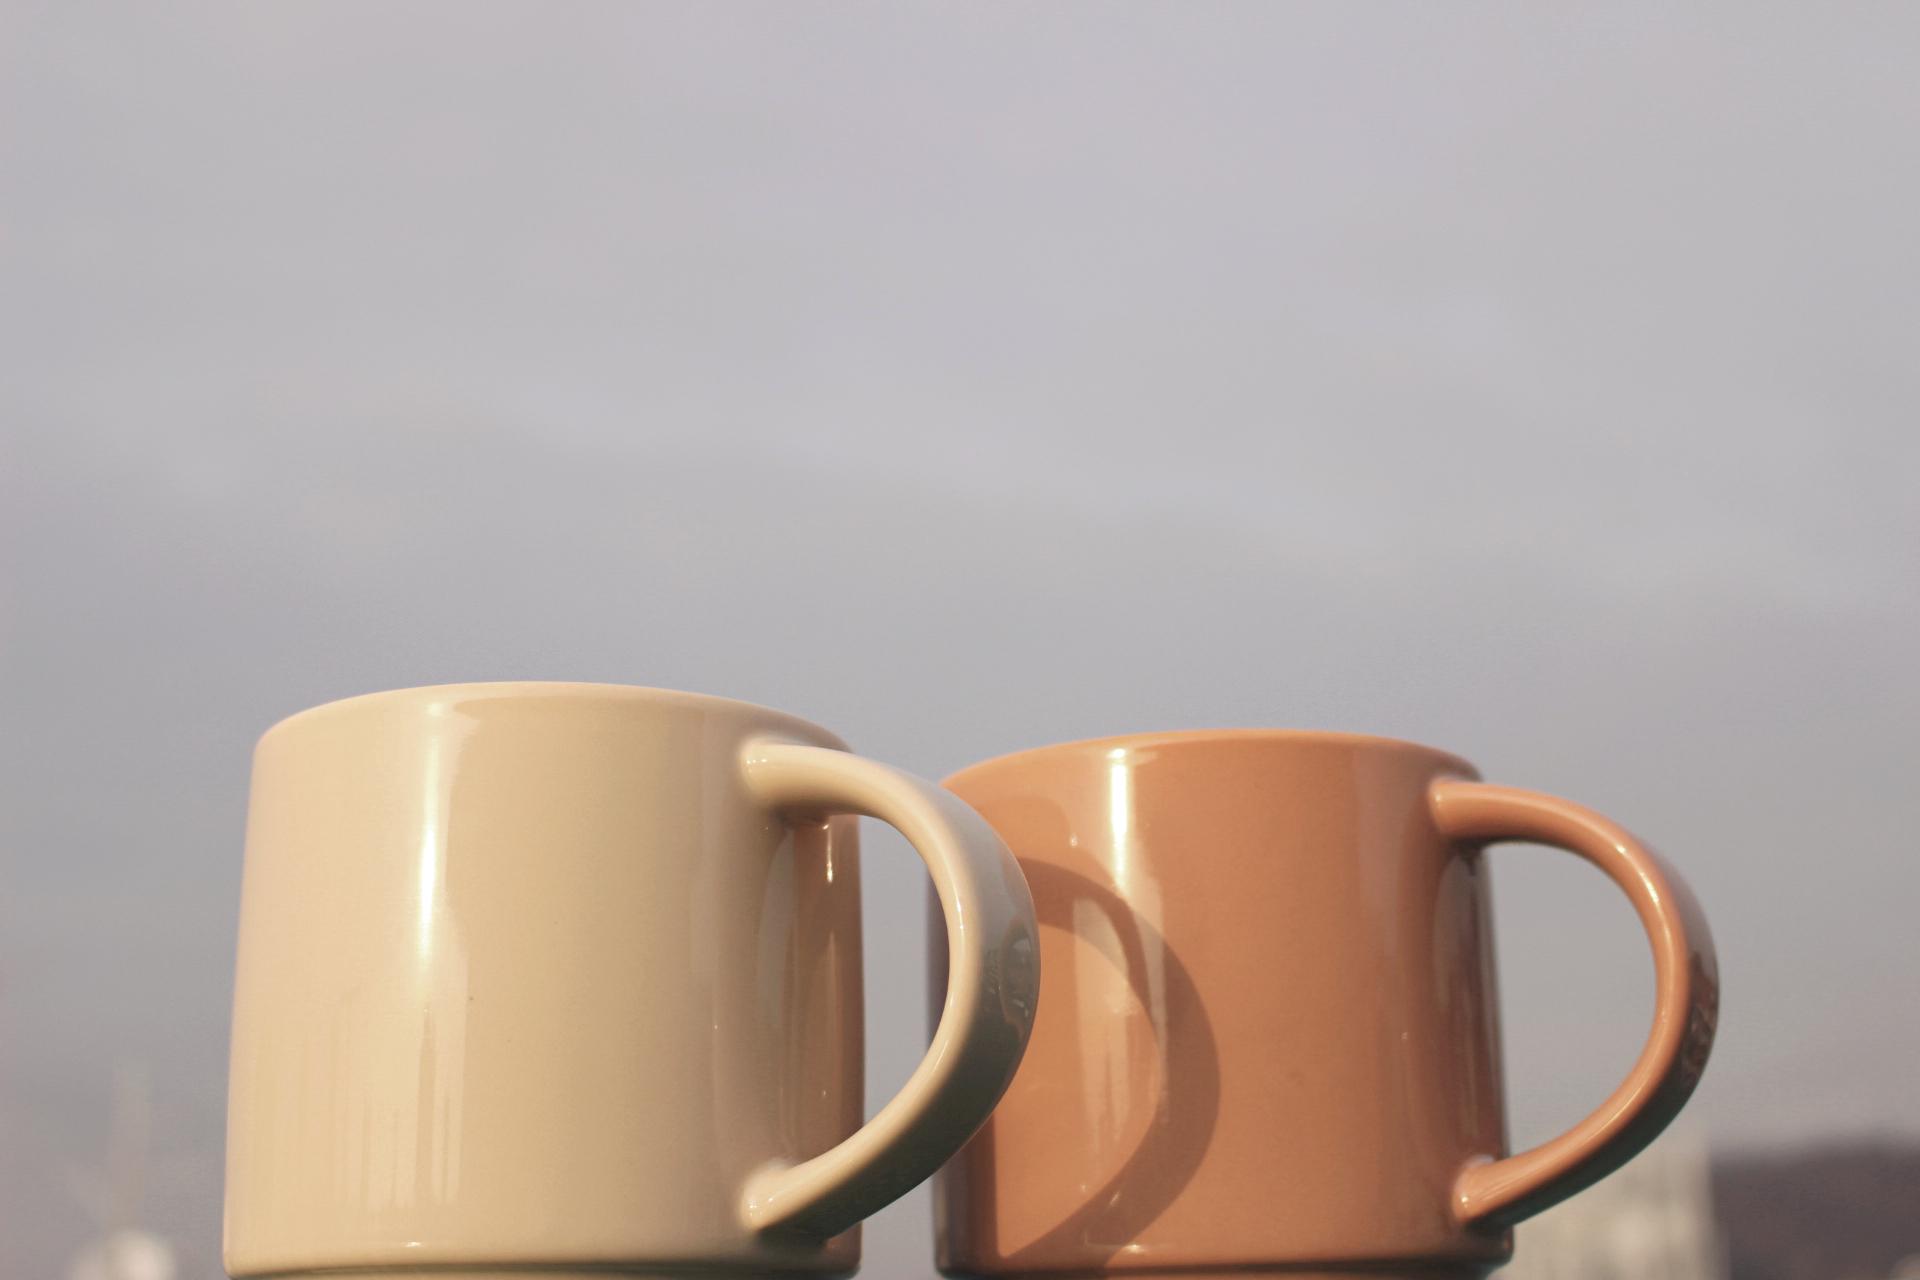 모던 대용량 큰 머그컵 카페 빅 루미 머그잔(450ml) - 황공방, 11,000원, 머그컵, 심플머그